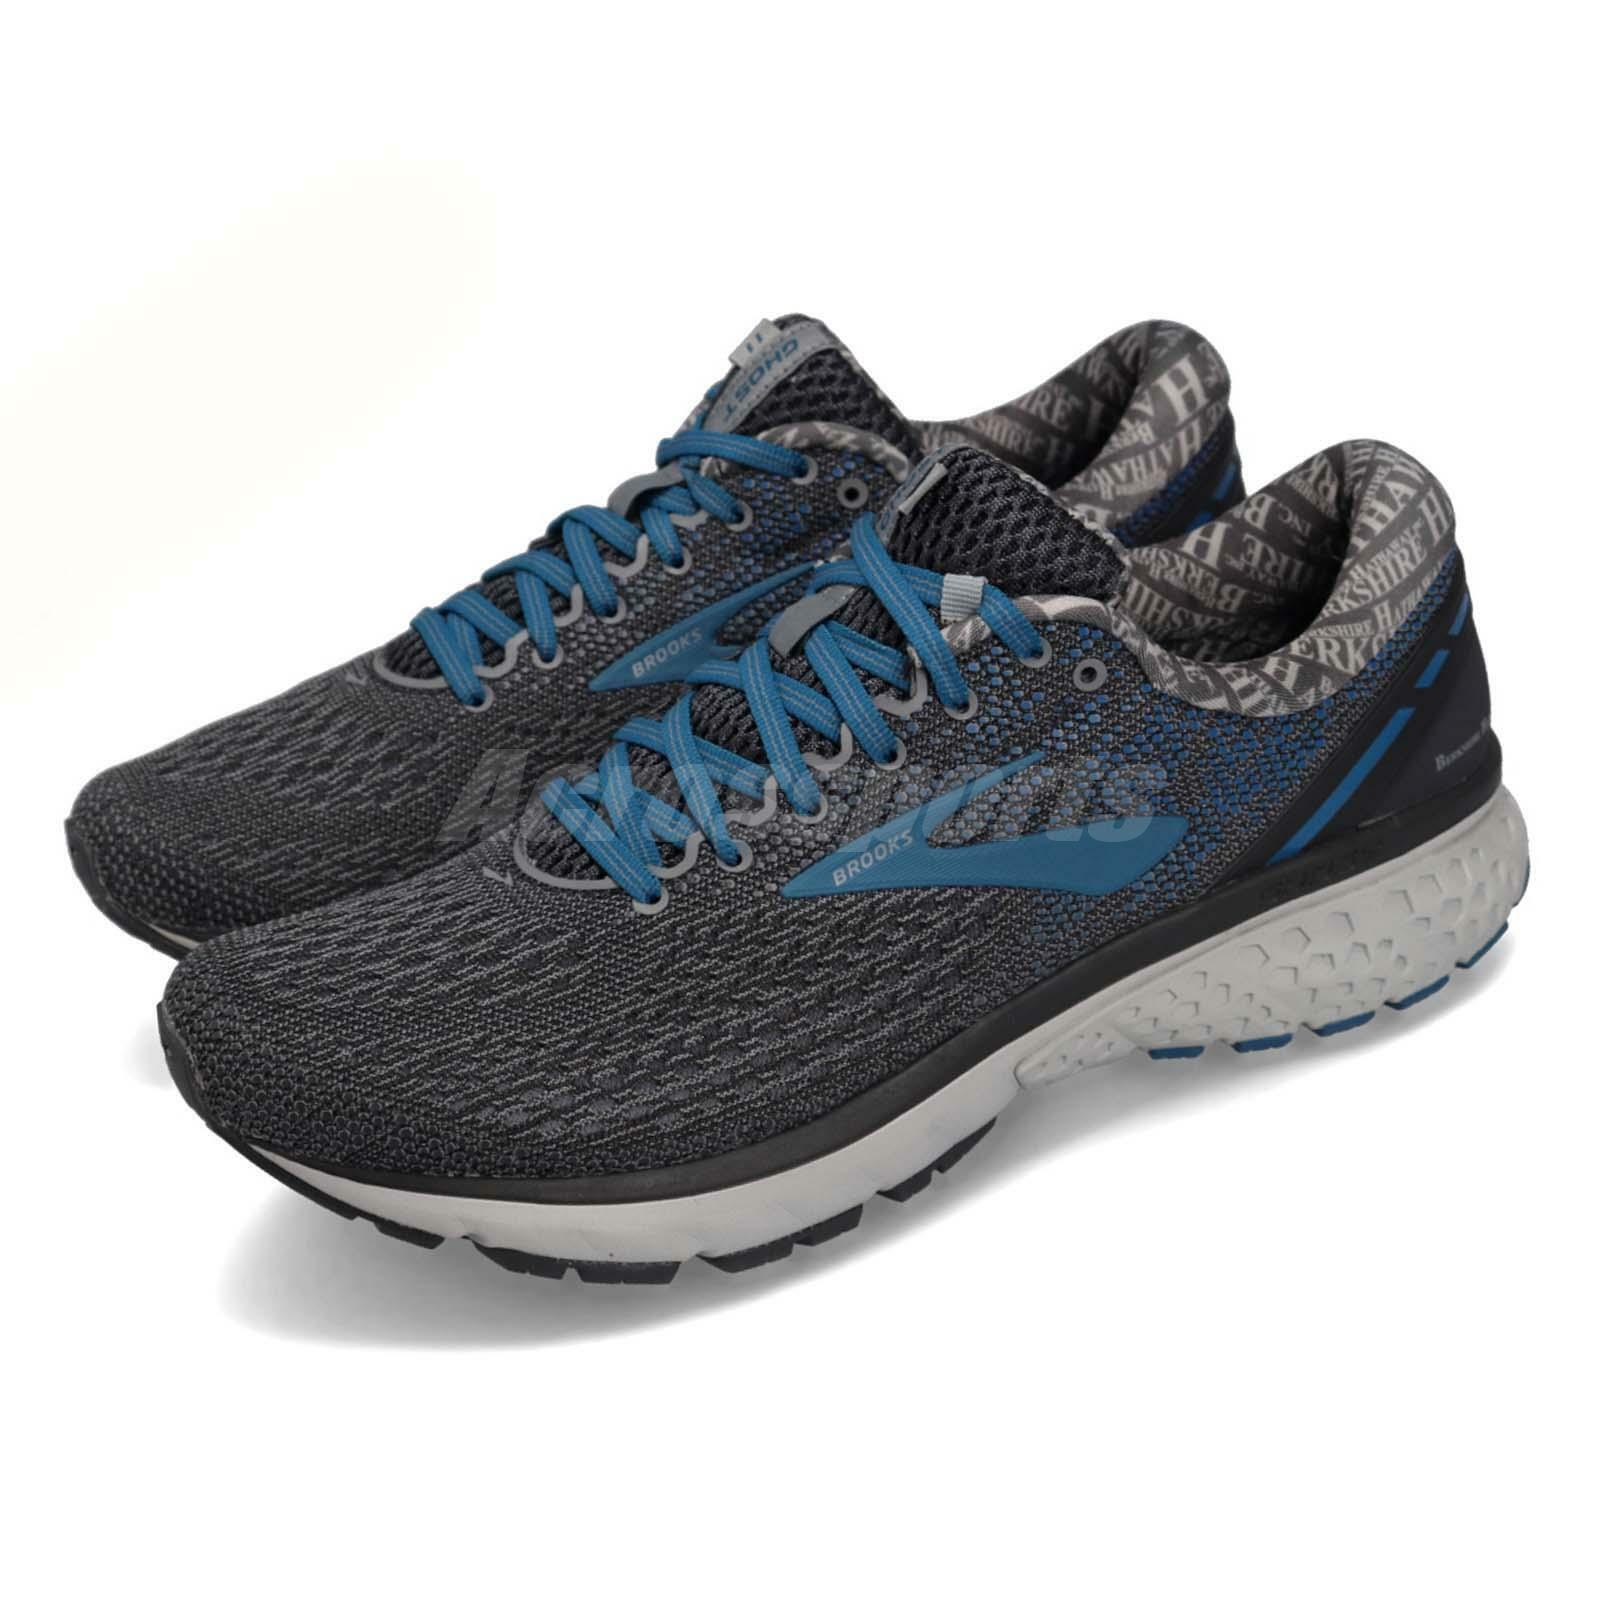 Brooks Ghost 11 Ebony Primer grau Blau Men Running schuhe Turnschuhe 110288 1D